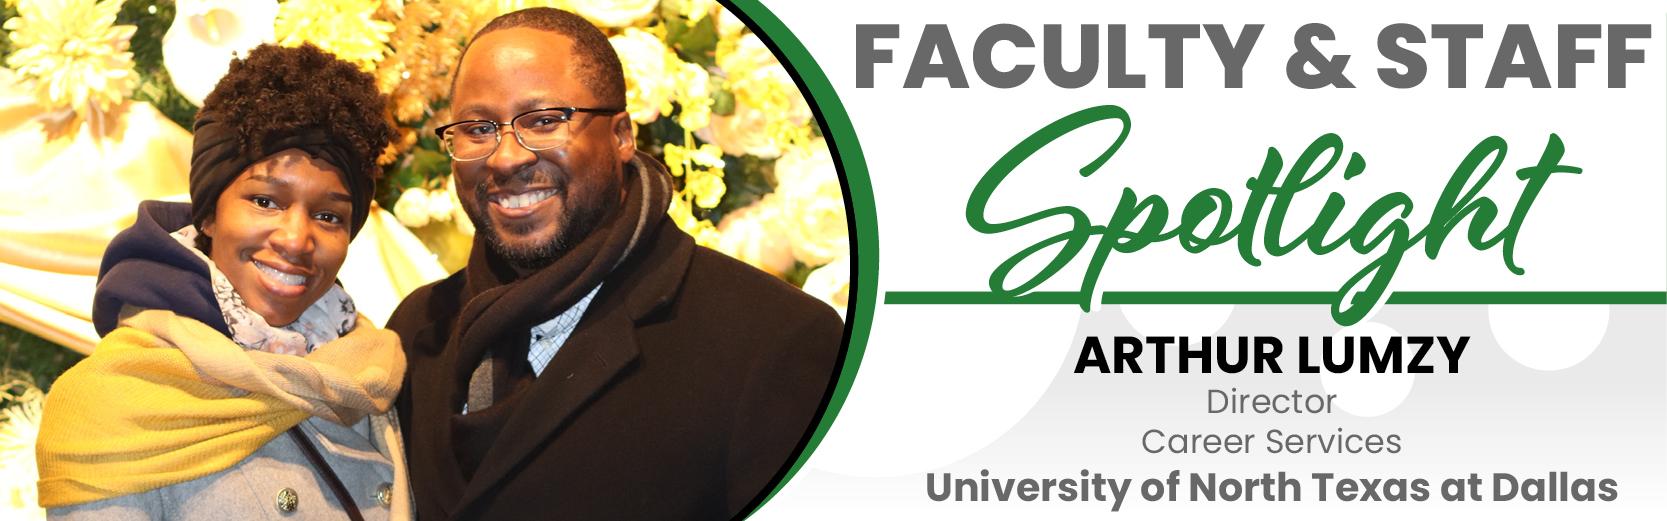 Arthur Lumzy, Director of Career Services, UNT Dallas